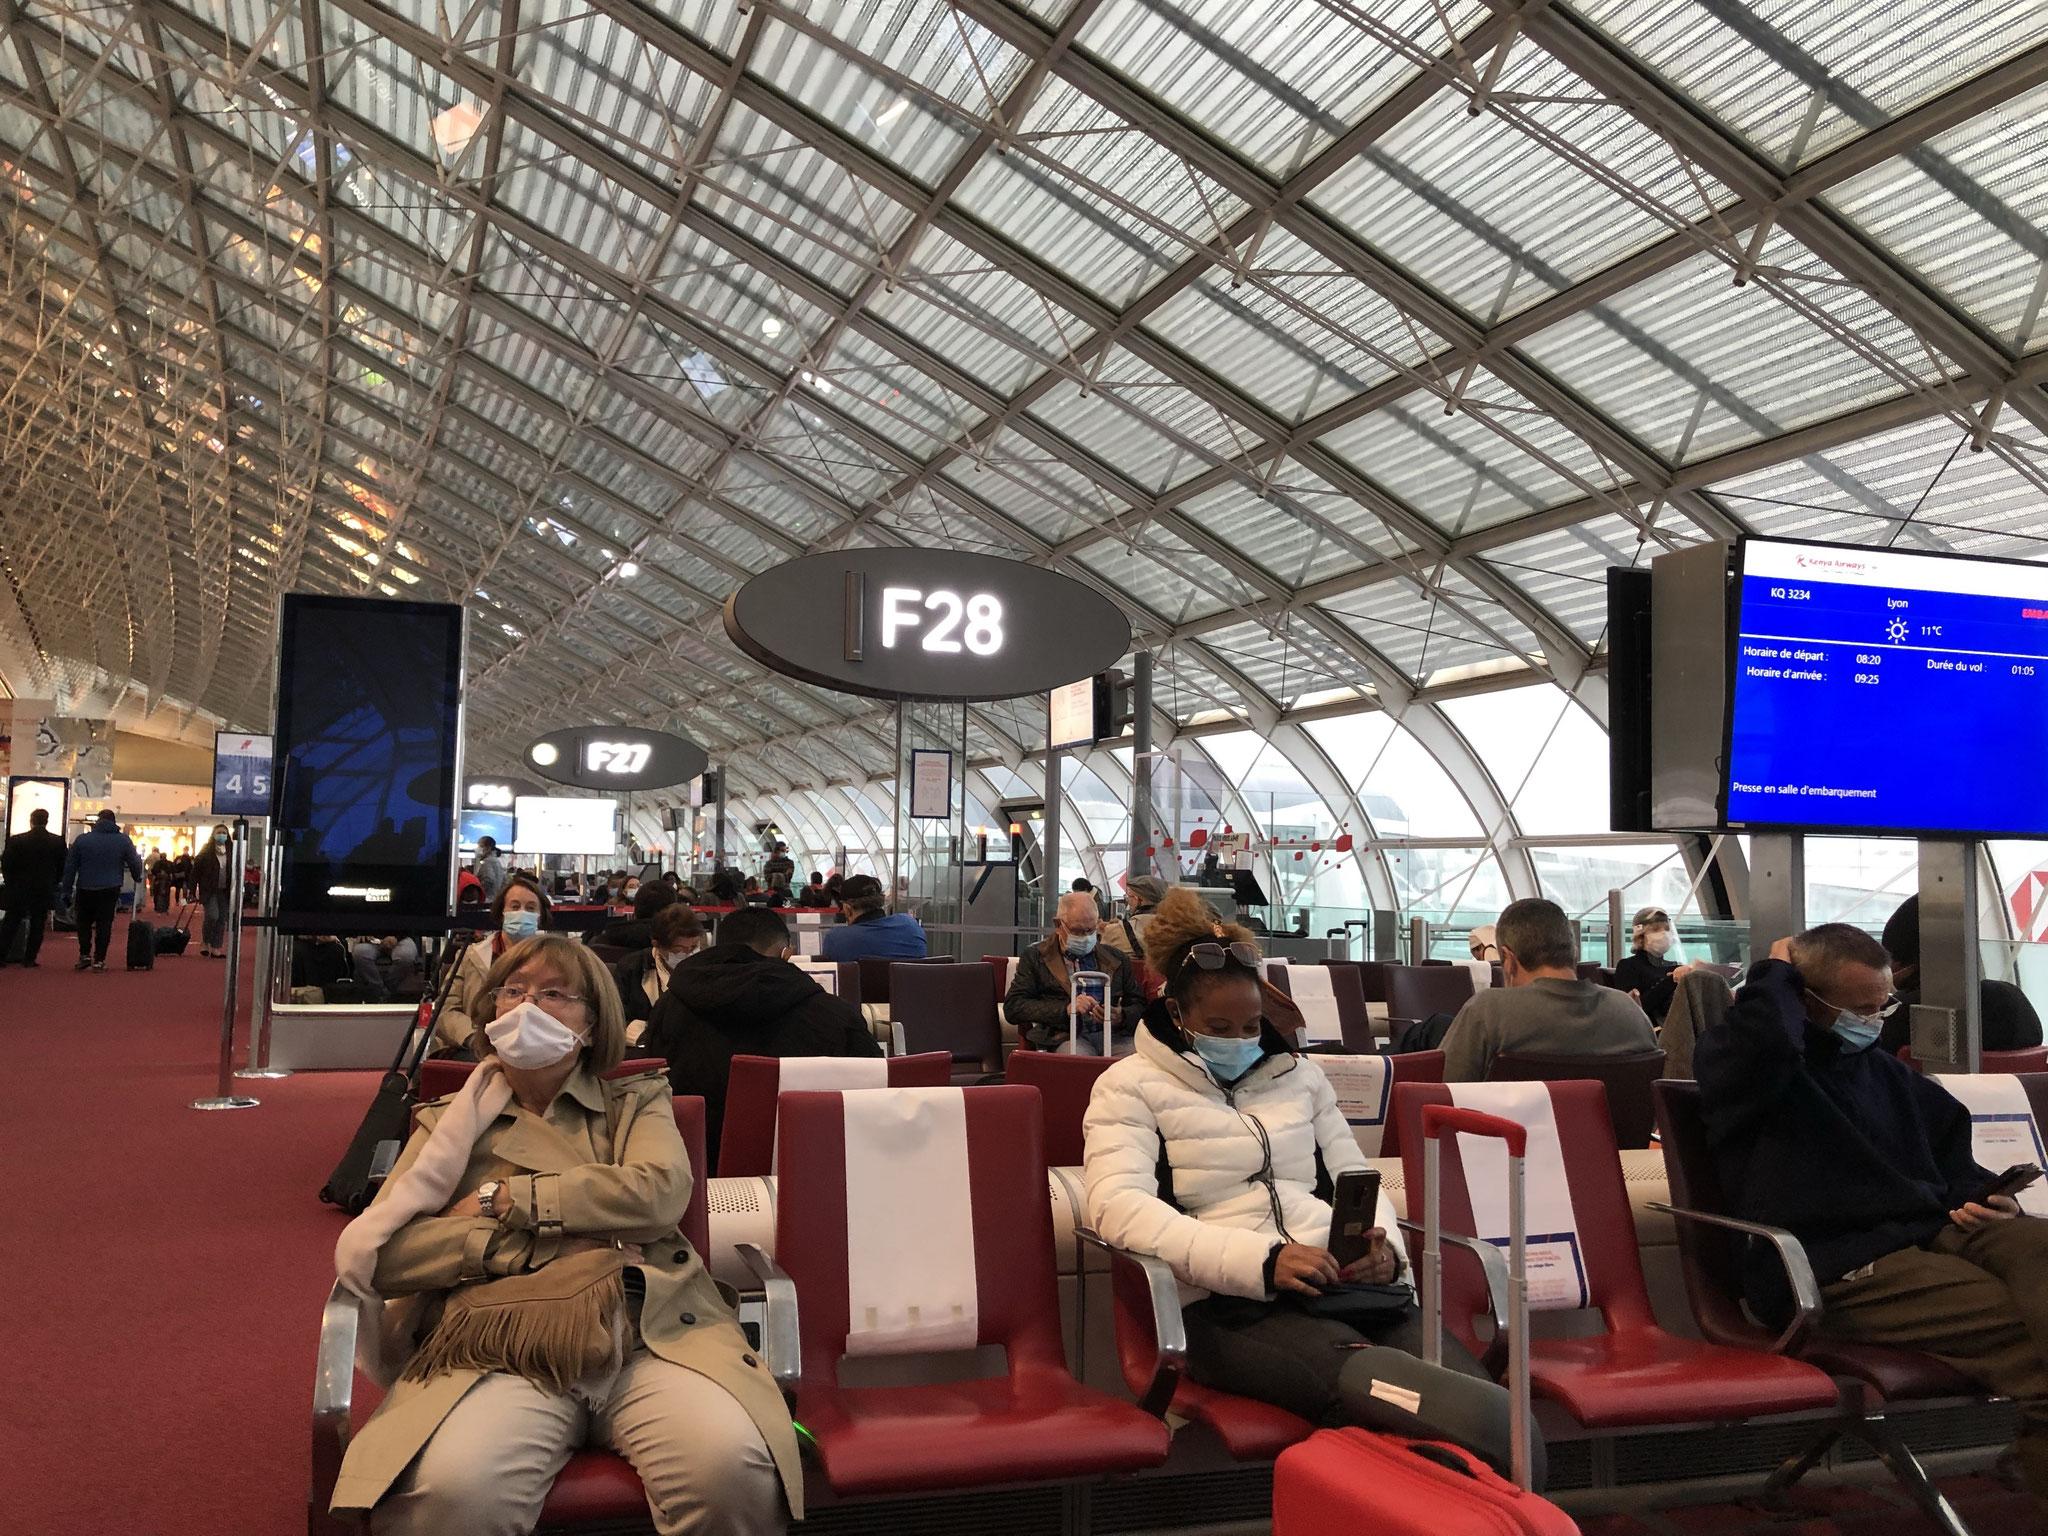 欧州圏内路線はフライト数を減らしているため、かなりの密度で搭乗することになったナポリ行きのフライト